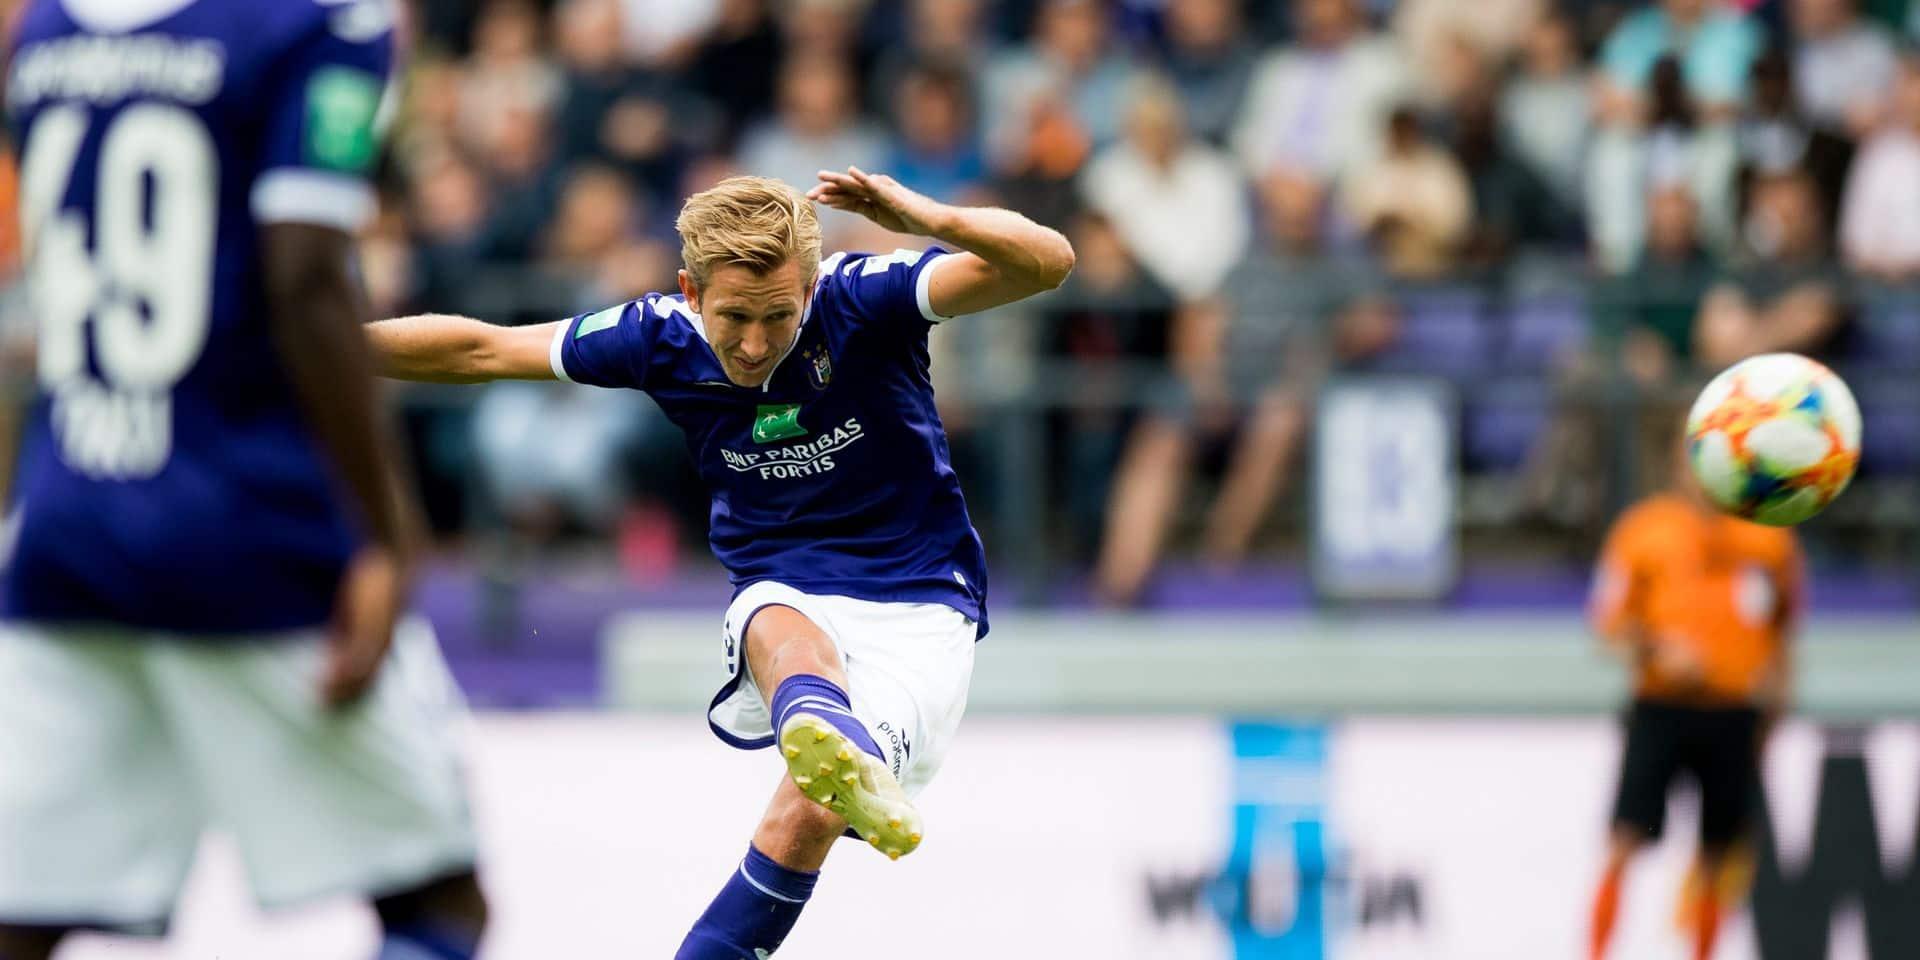 Mouscron-Anderlecht: les Mauves en quête de leur première victoire (Direct commenté à 18h)